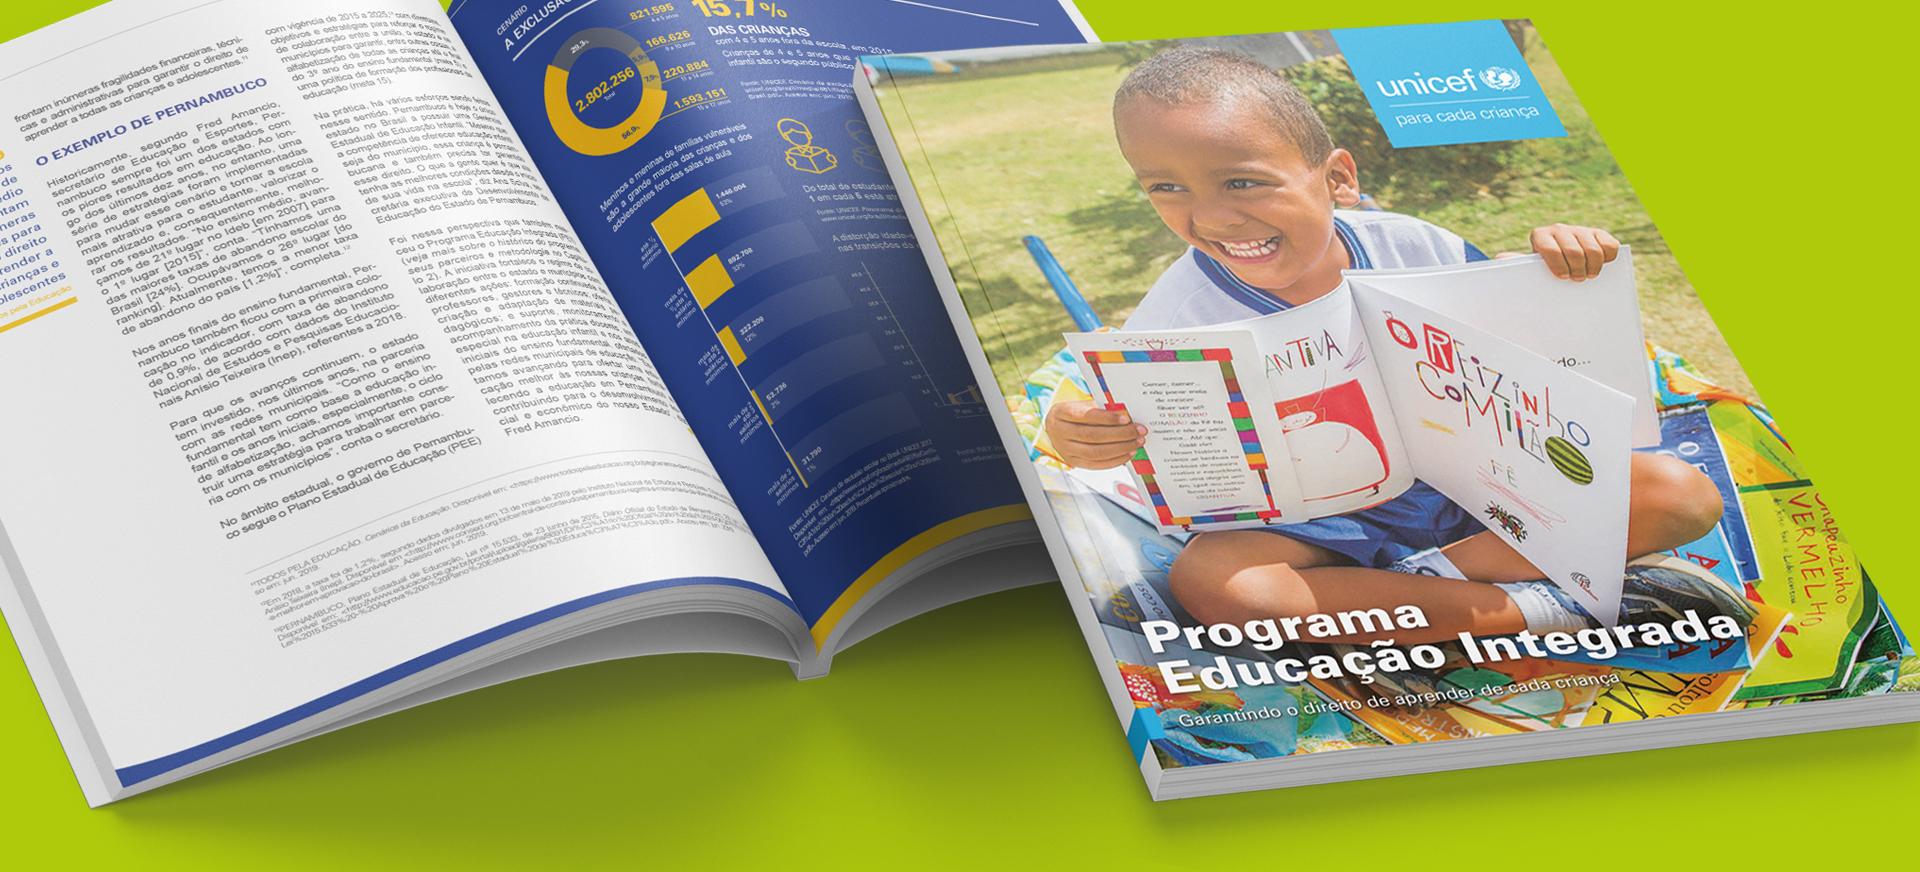 Educação Integrada